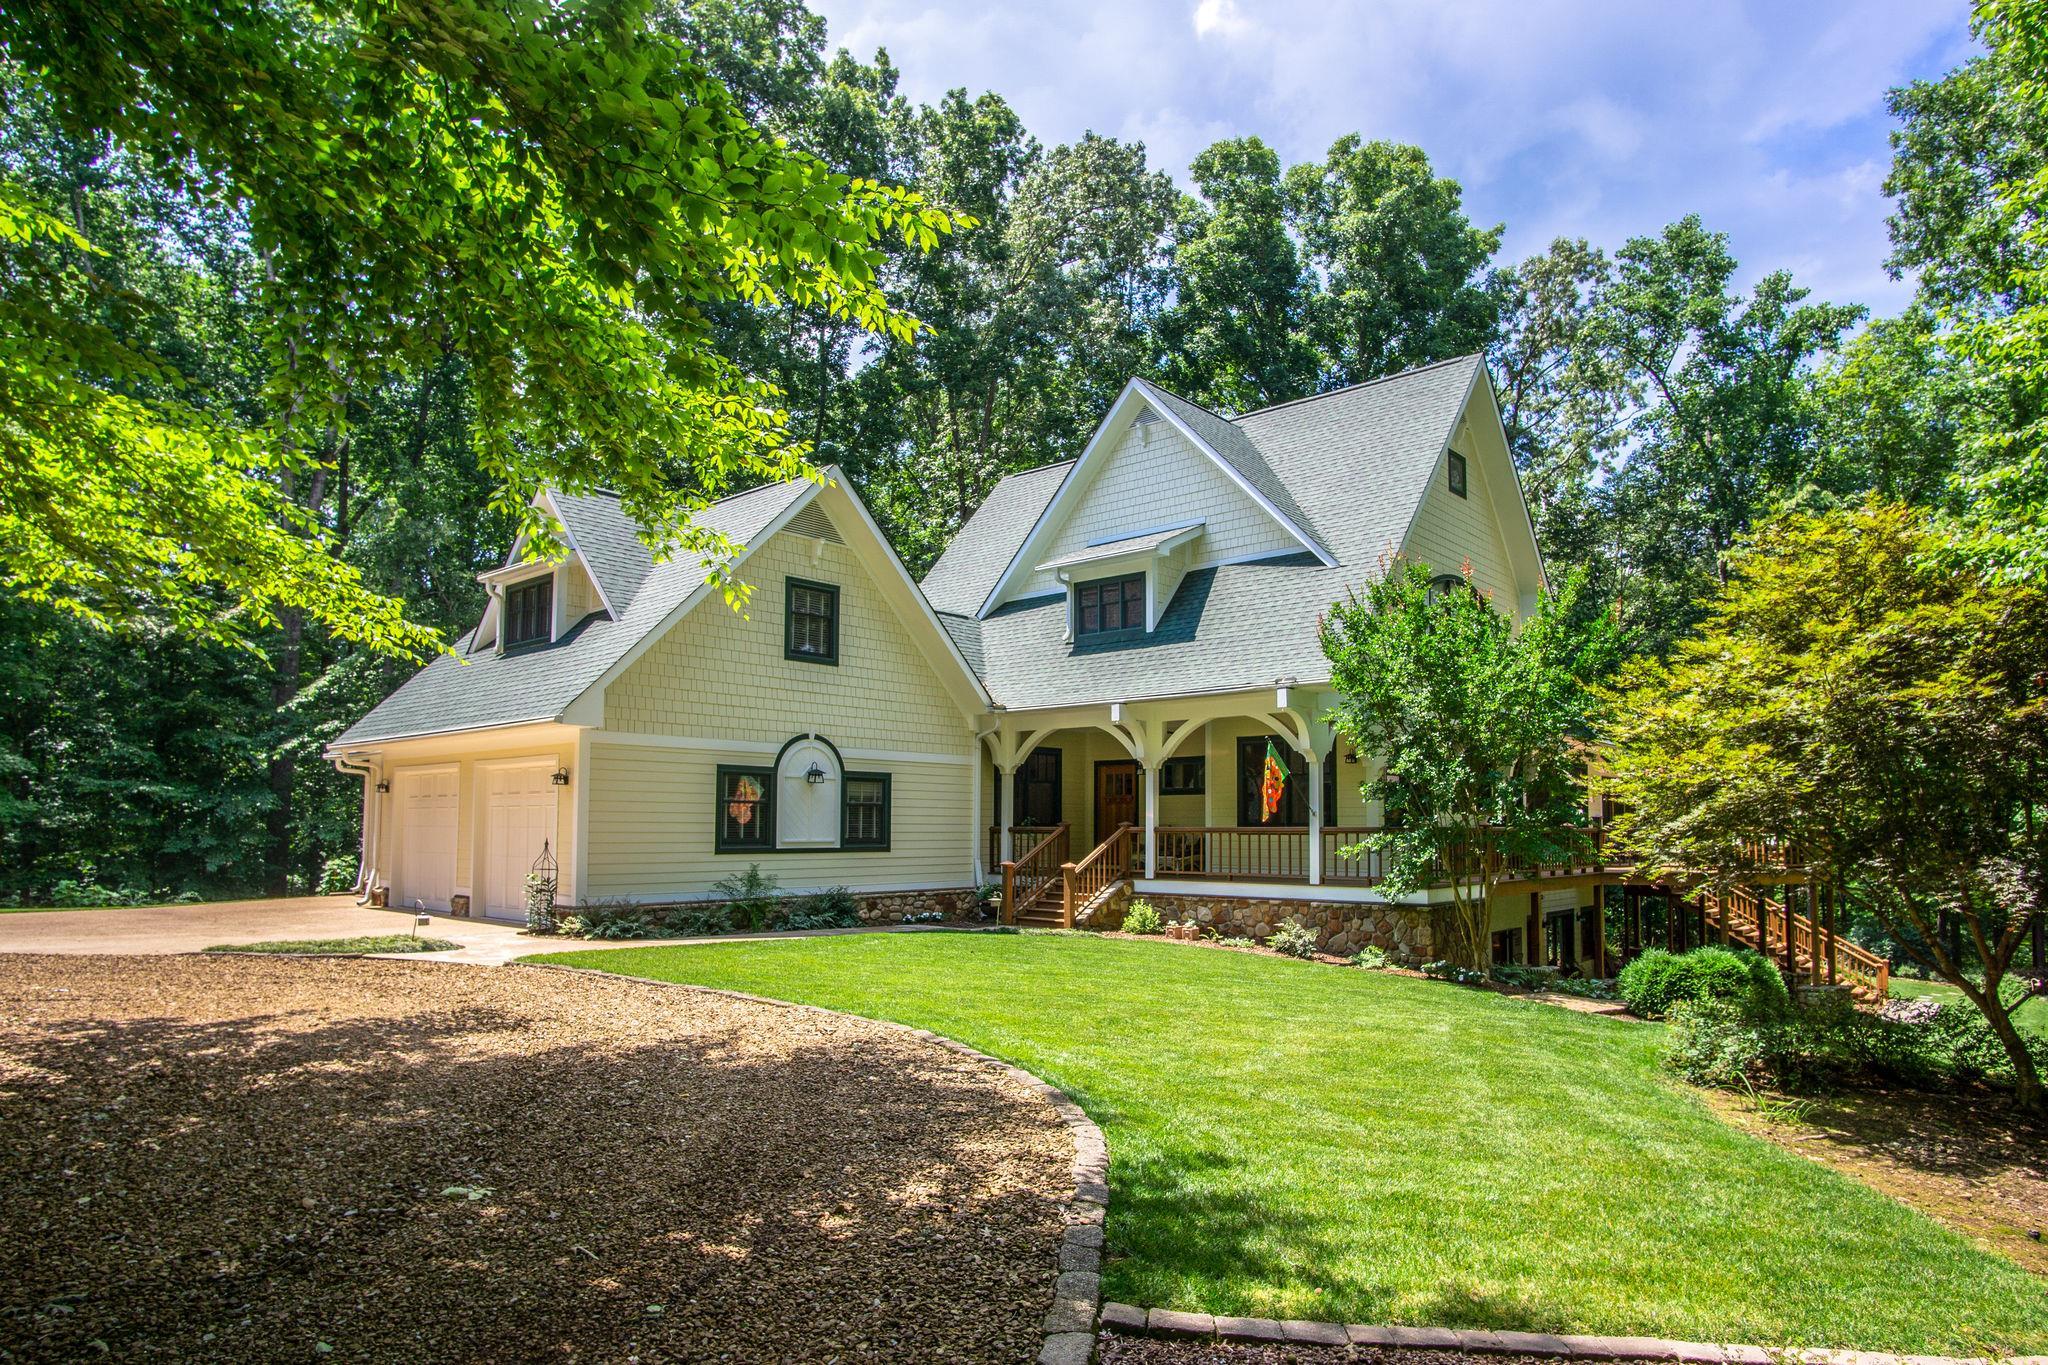 163 Blackberry Forrest Ln, Estill Springs, TN 37330 - Estill Springs, TN real estate listing